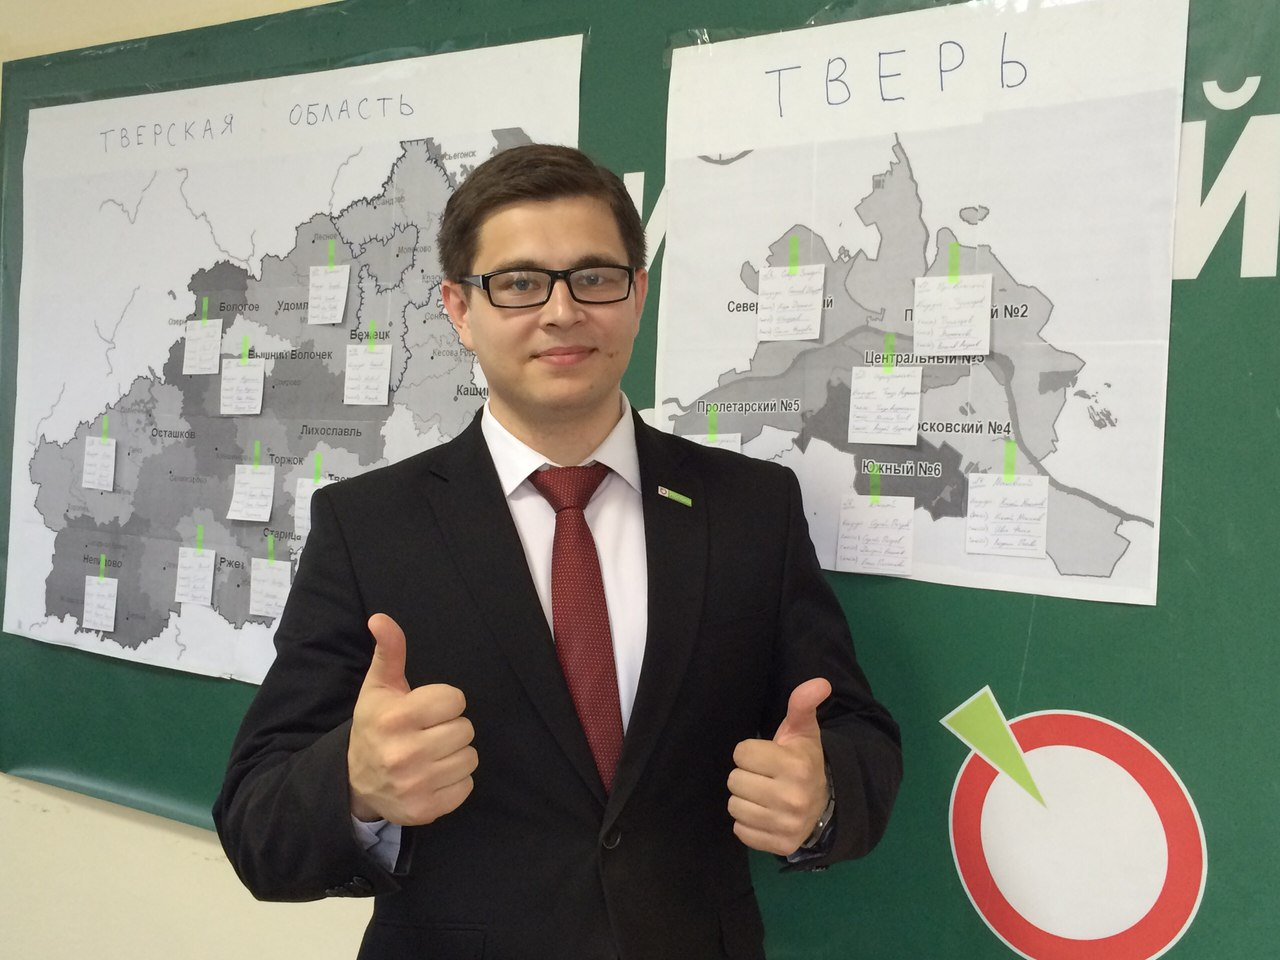 Умер член тверского отделения партии «Яблоко» Алексей Доманов